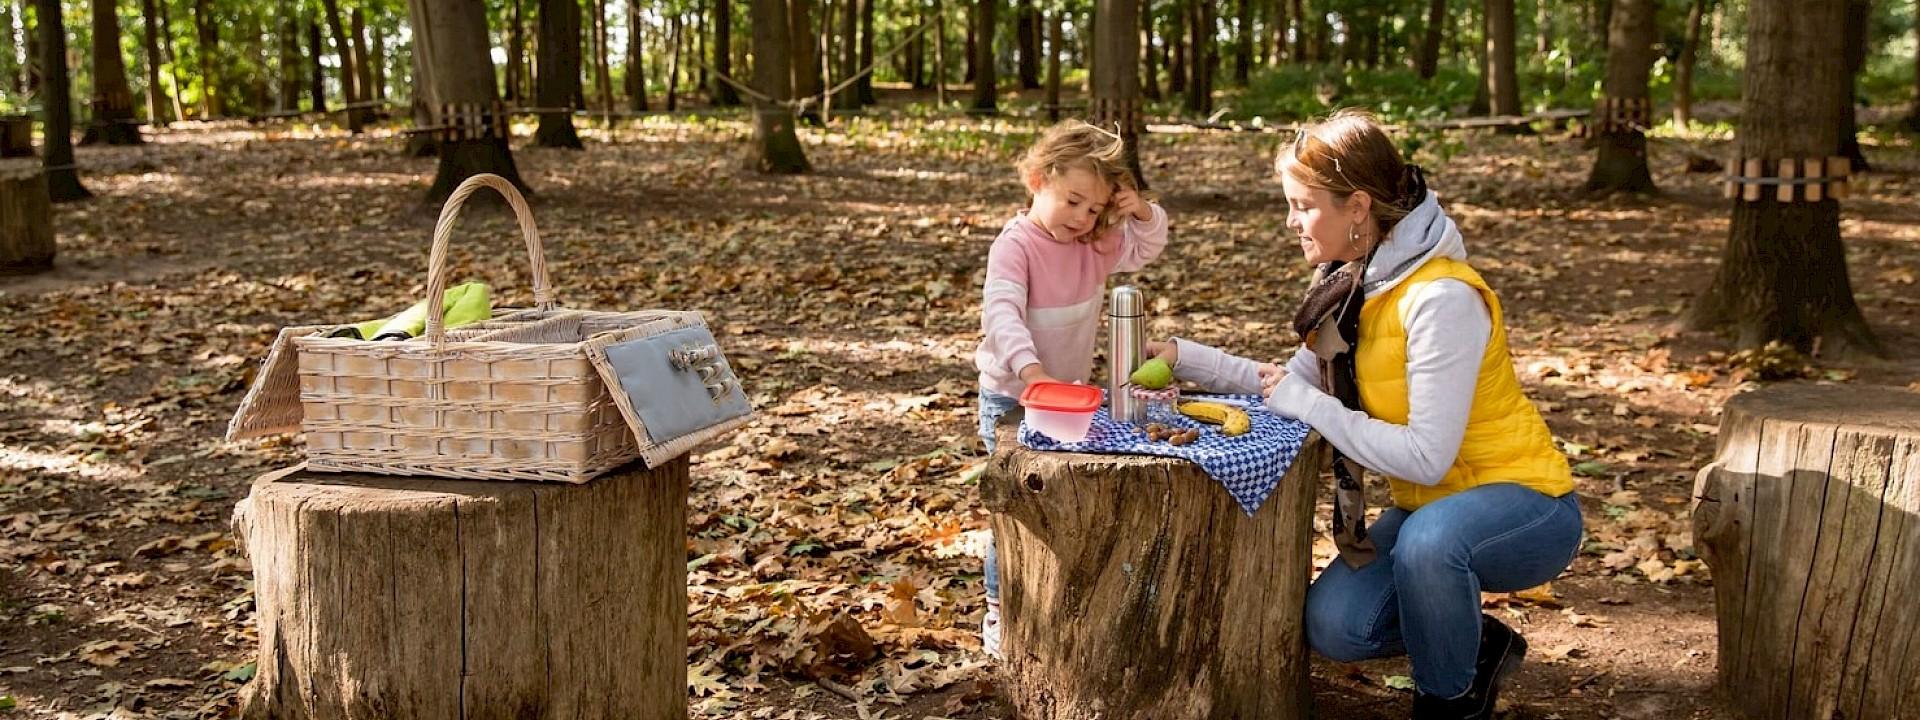 Hoch oder tief hinaus? Picknickspaß im Niedrigseilgarten